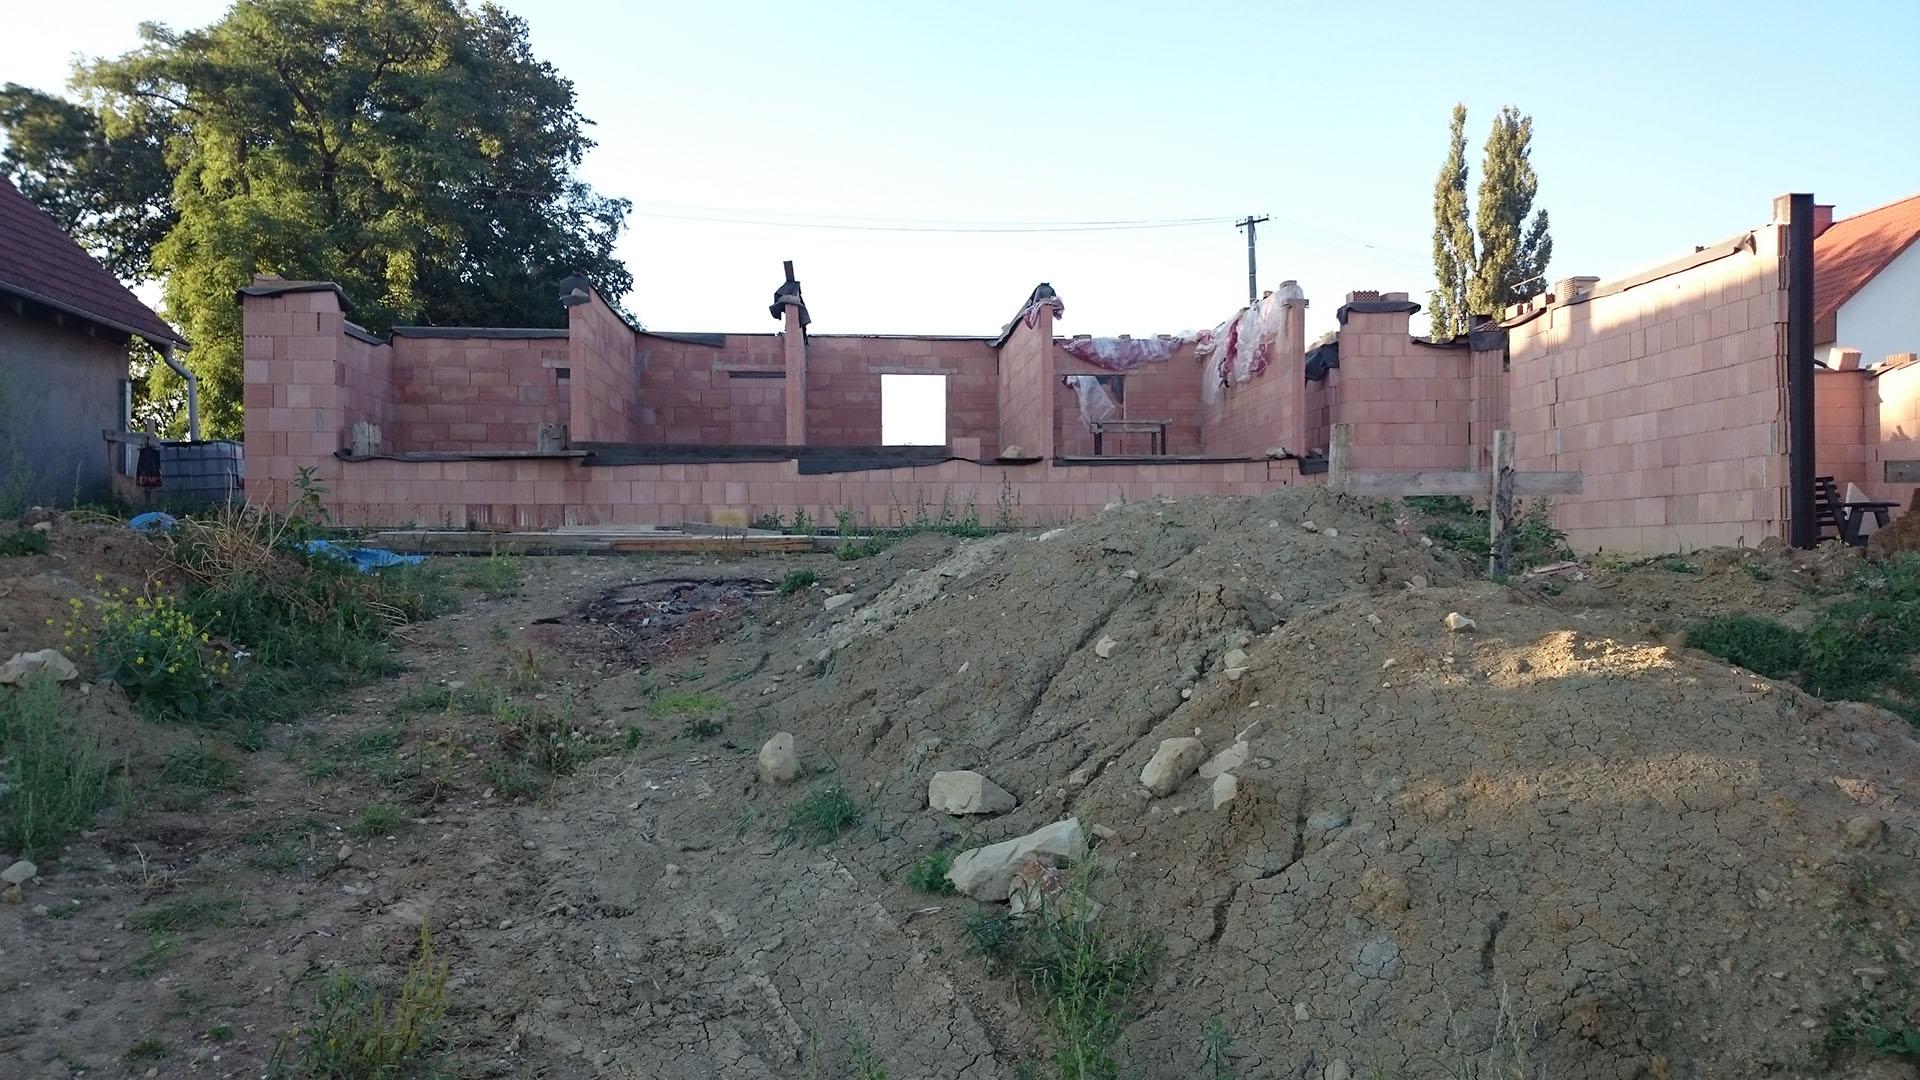 Celkový pohled od jihu na stavbu domu ve Lhotce